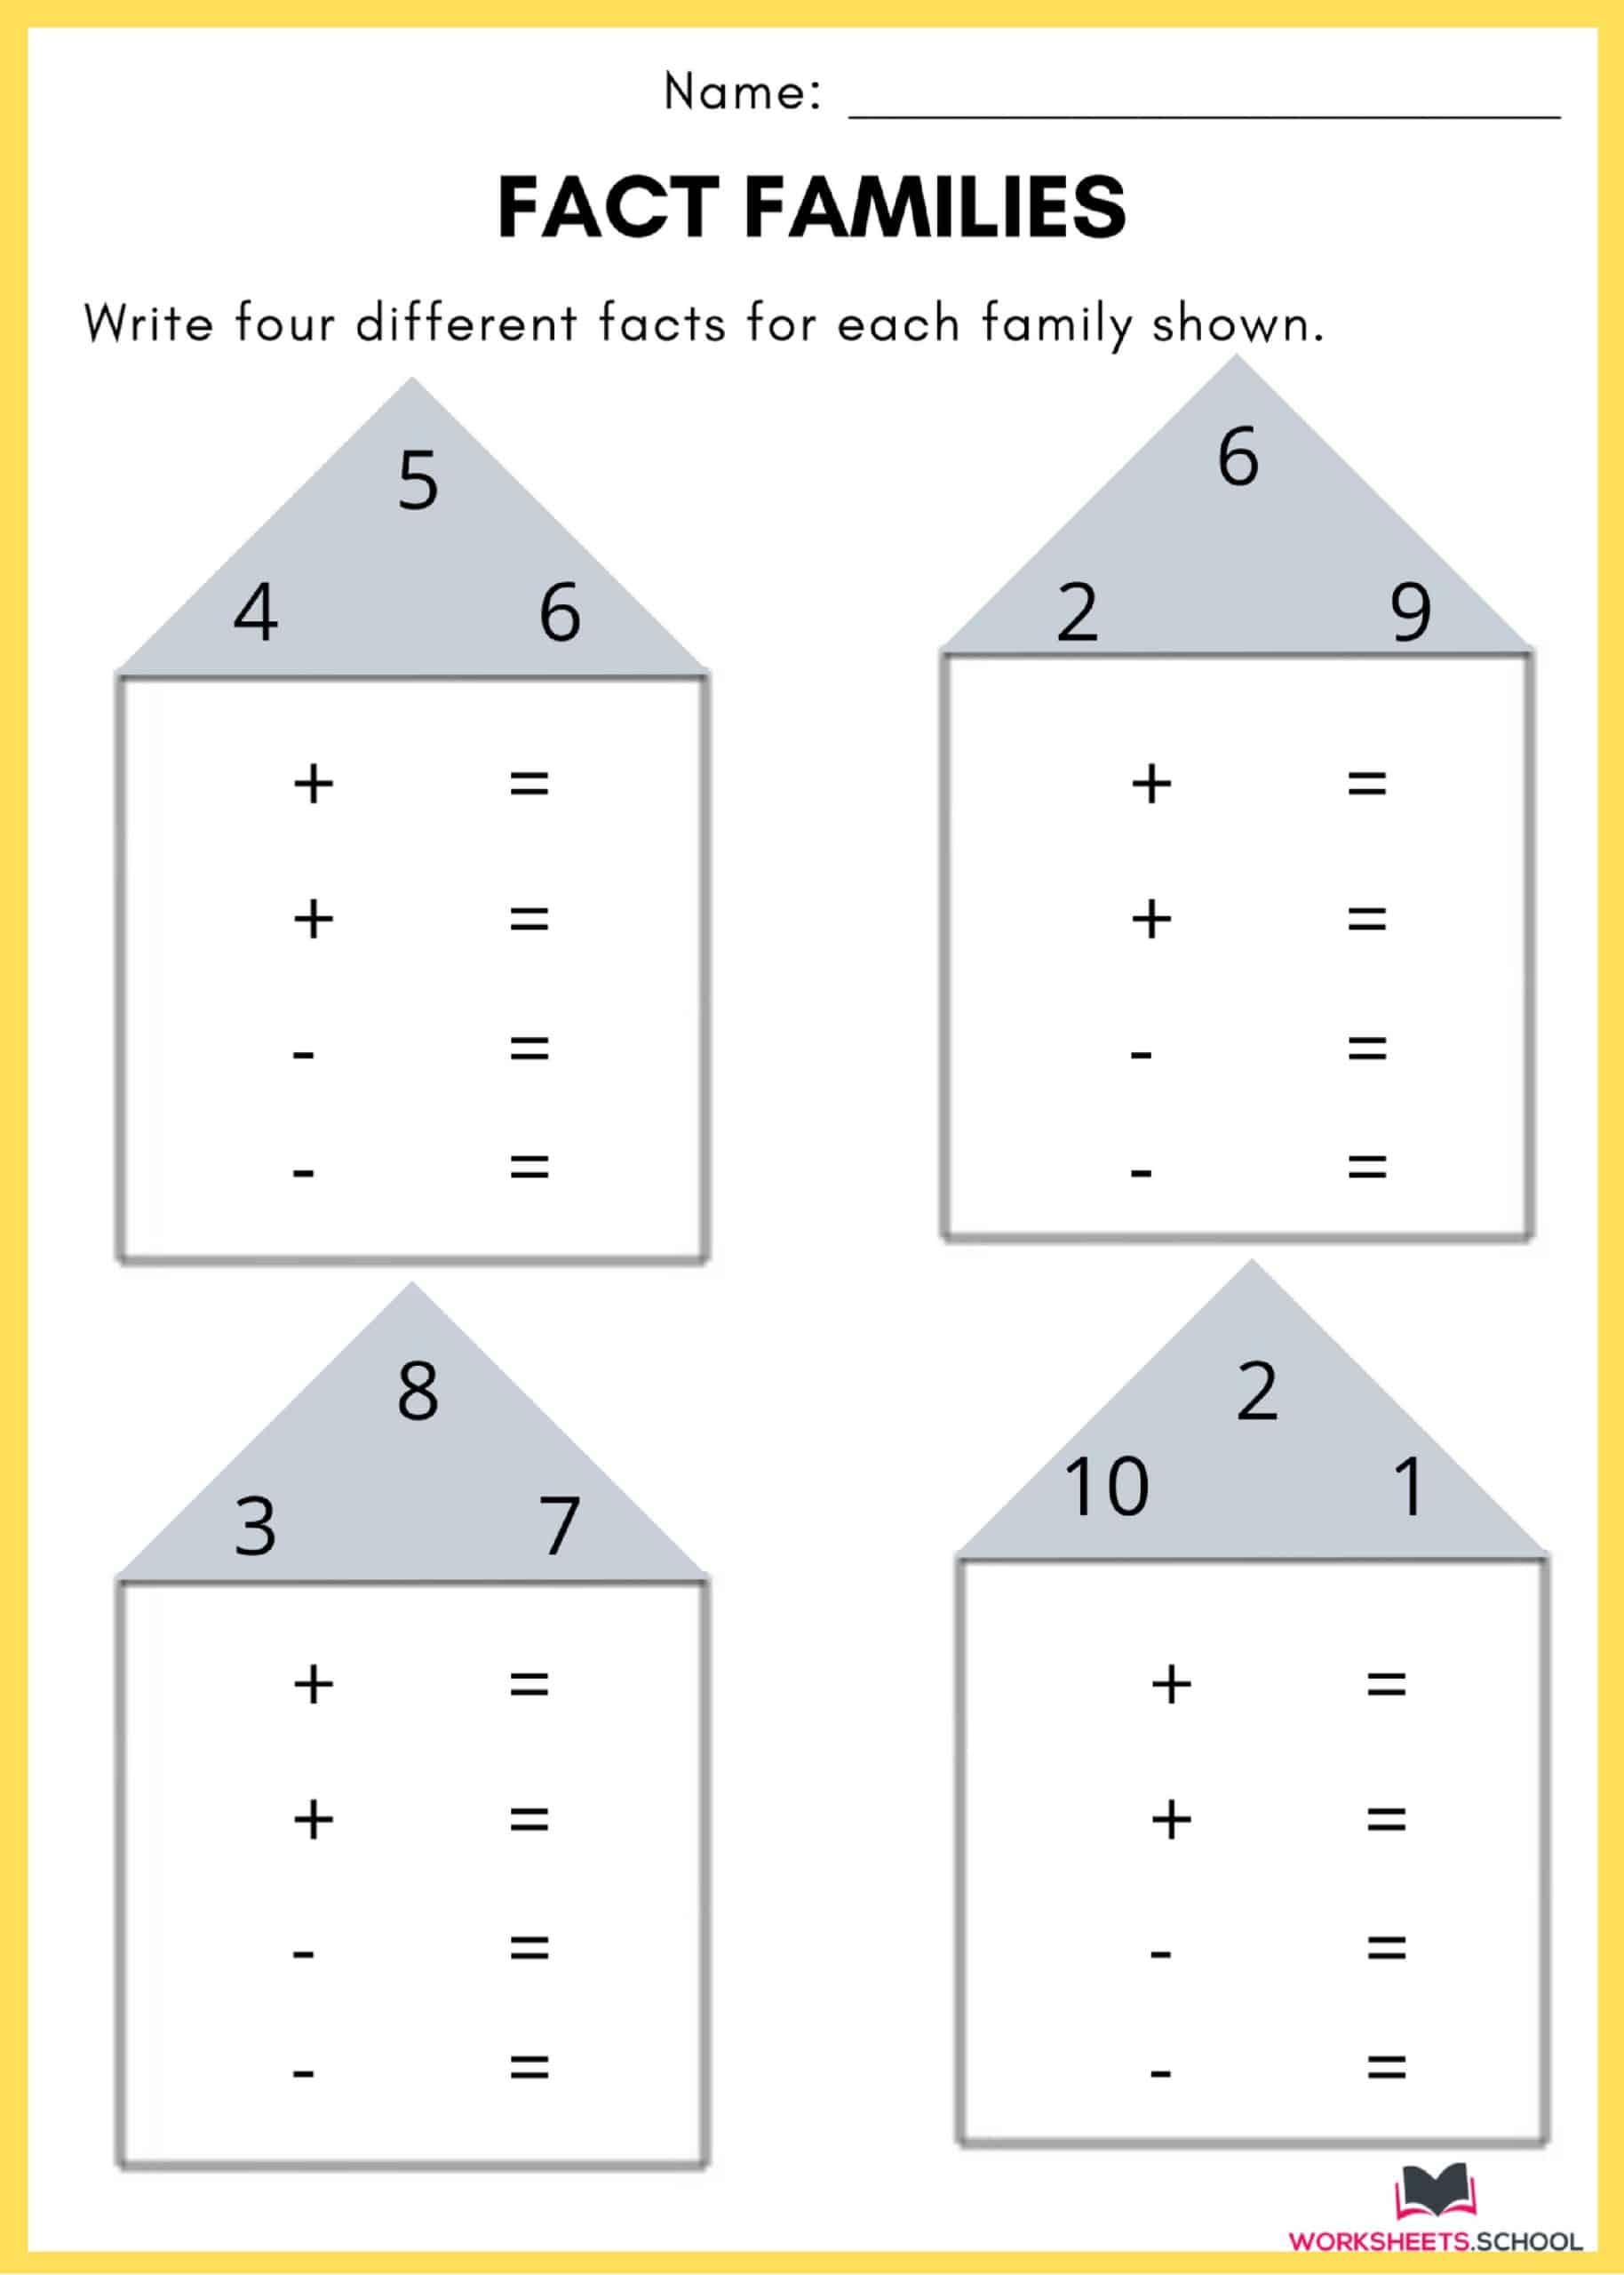 Fact Family Worksheet 3